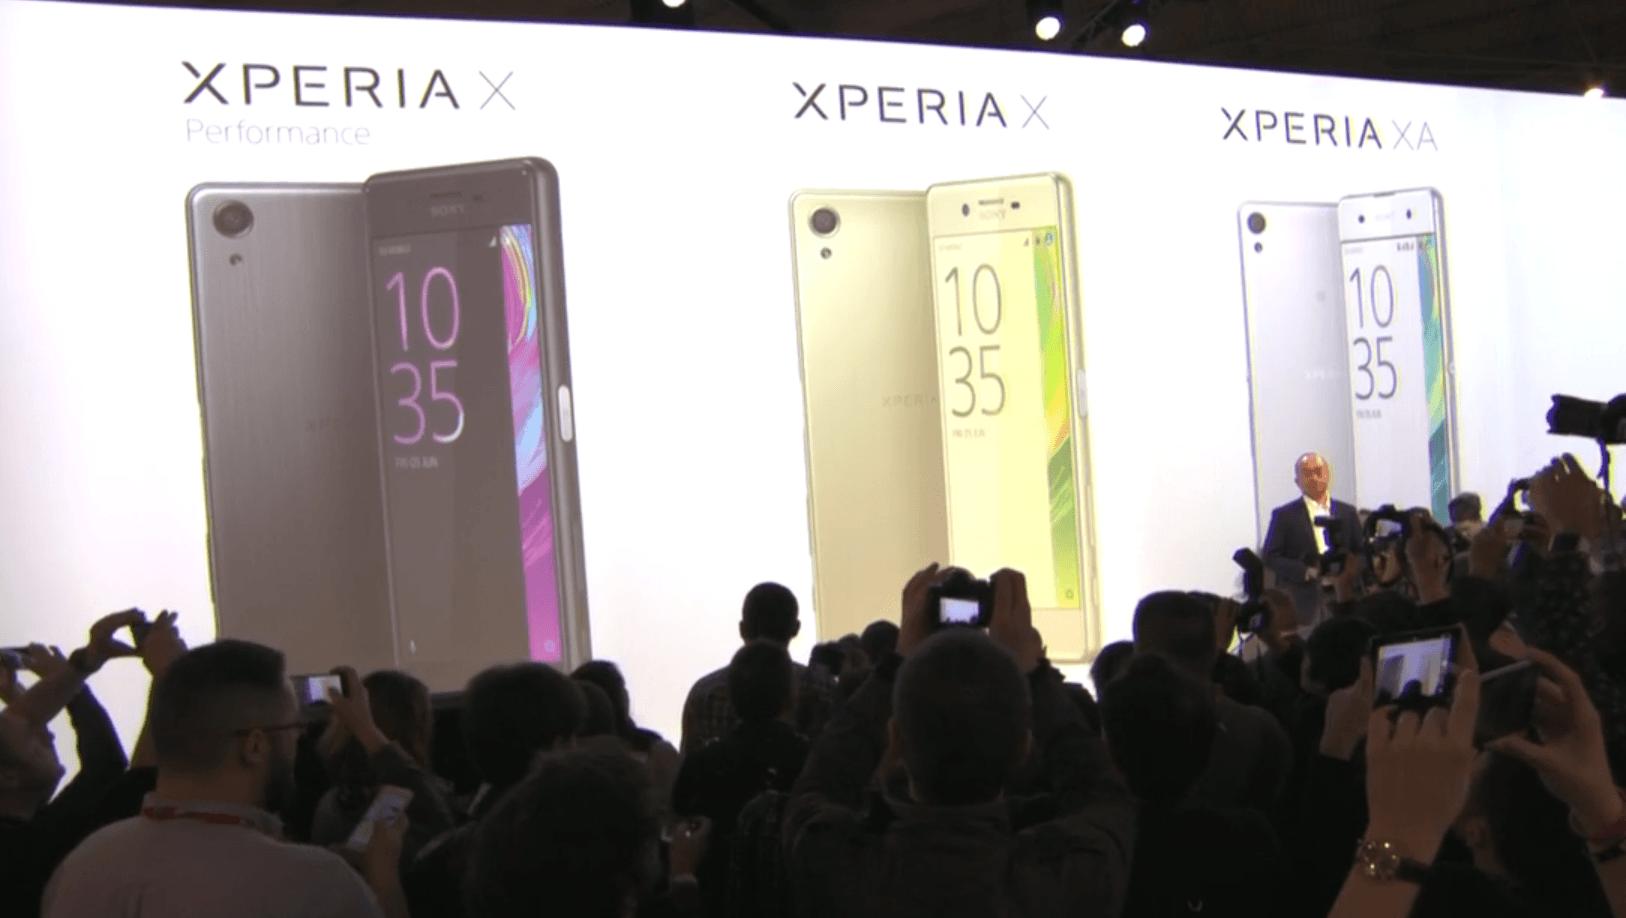 Tyle będzie kosztować w Polsce Xperia XA, Xperia X i Xperia X Performance? 19